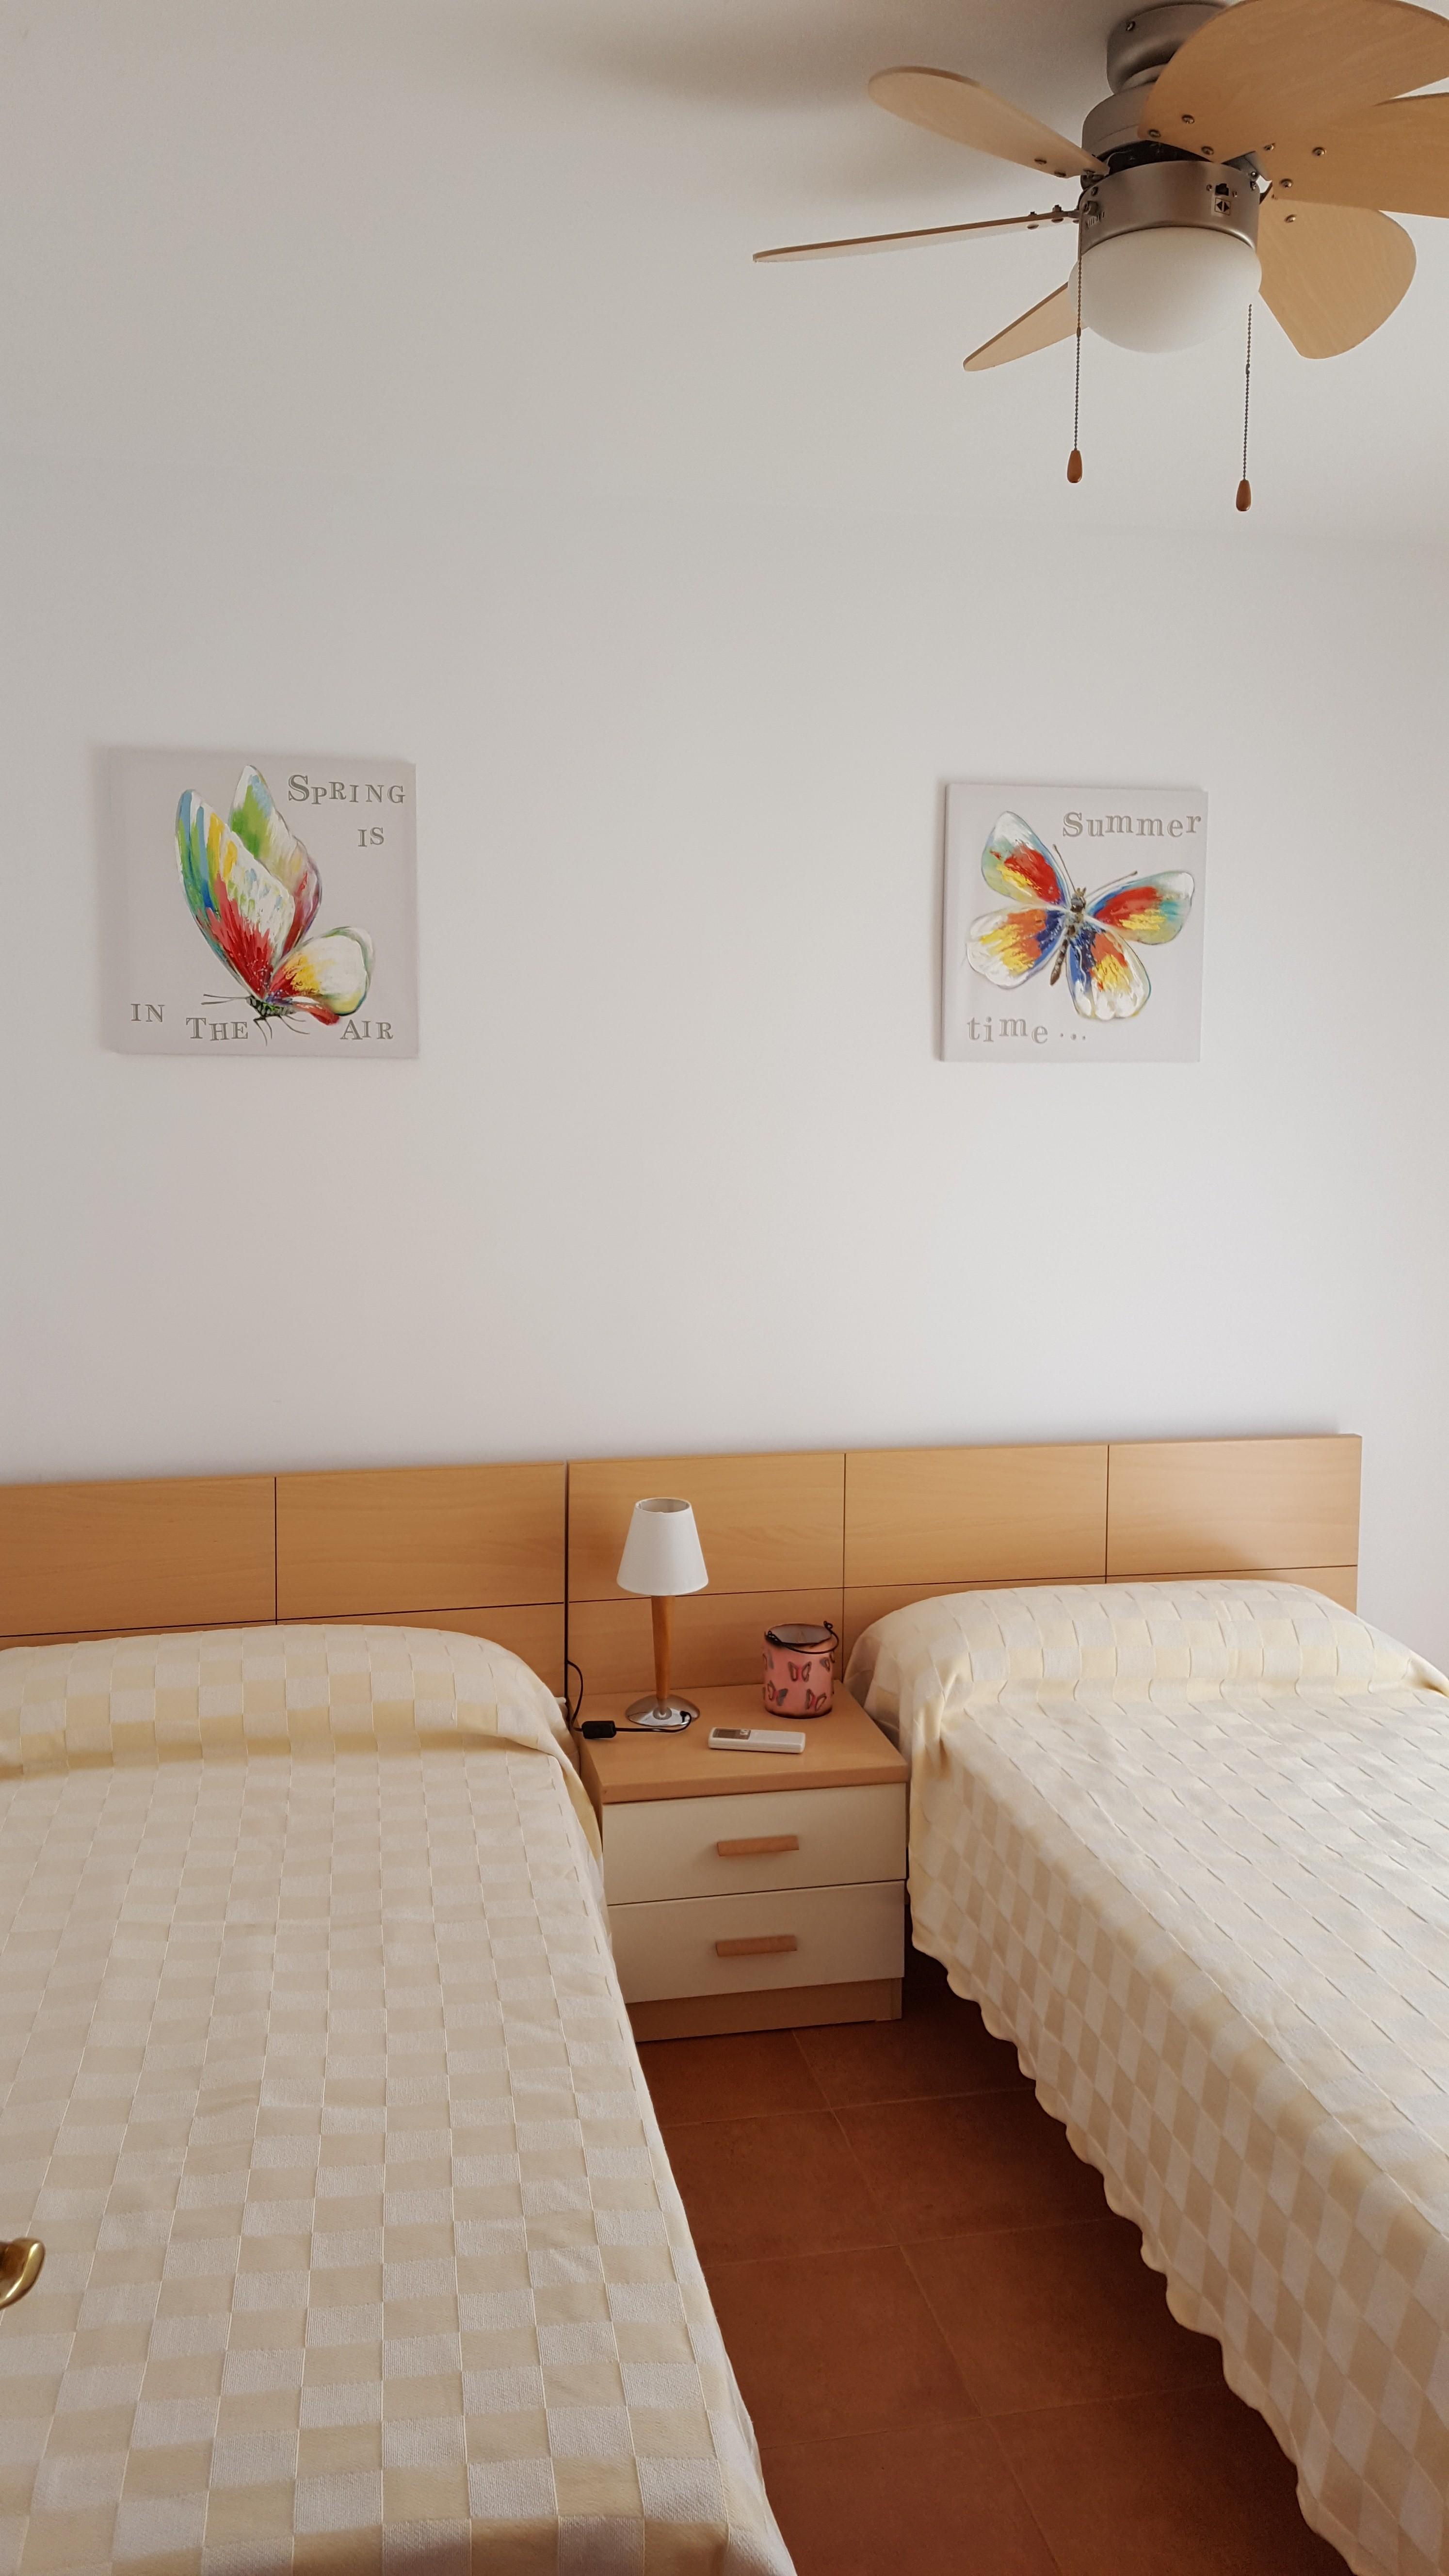 Ferienwohnung 3 Schlafzimmer Wohnung zu vermieten in Mojcar, Spanien (2388895), Mojacar, Costa de Almeria, Andalusien, Spanien, Bild 15